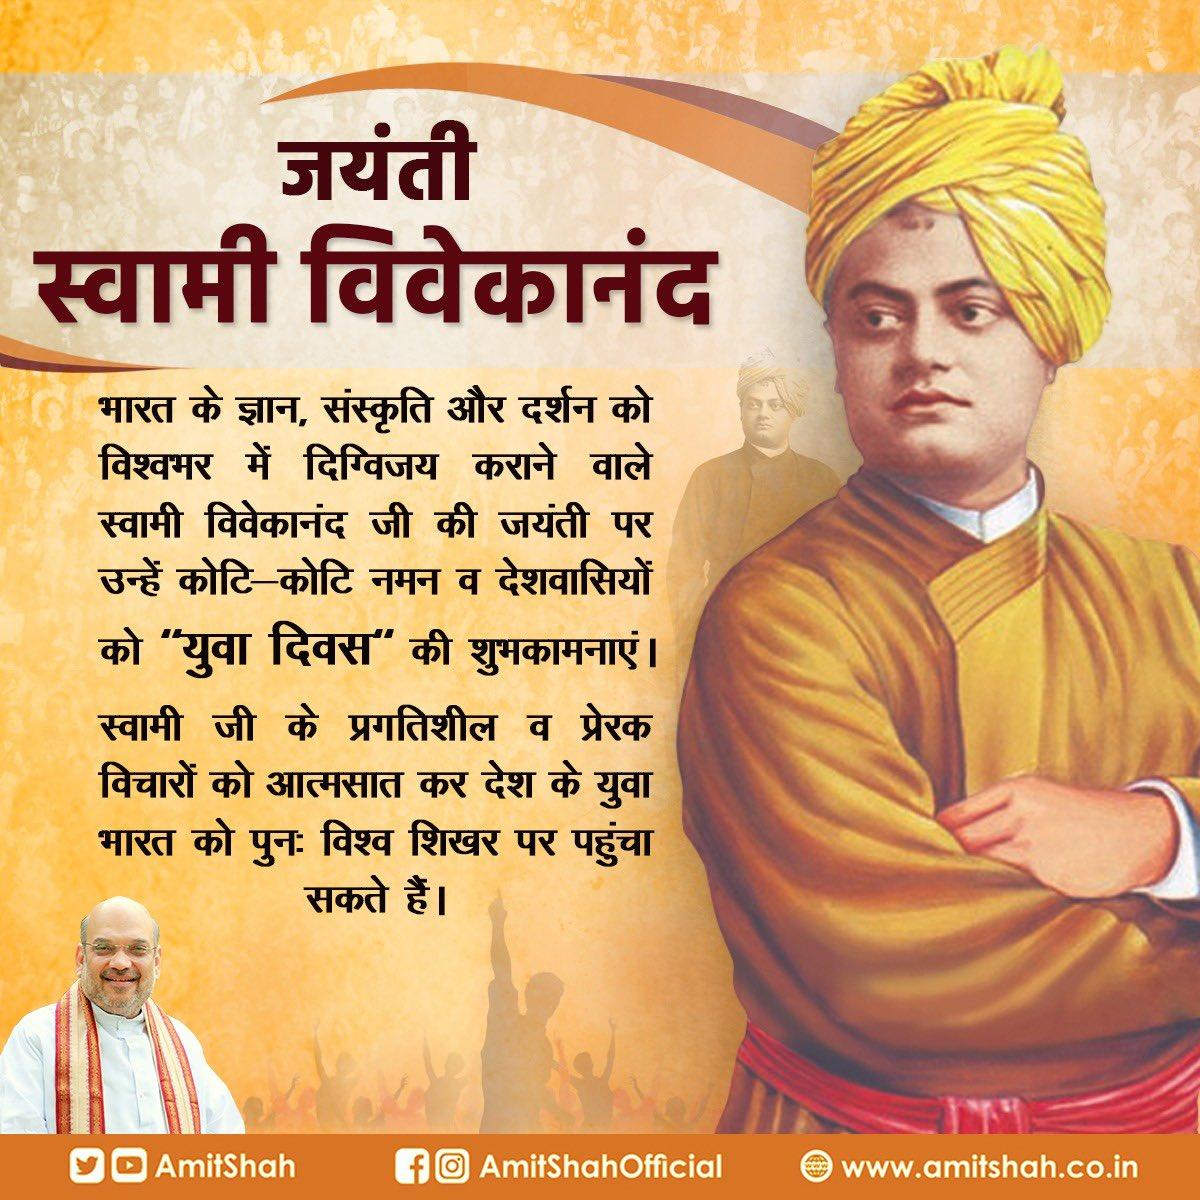 """भारत के ज्ञान, संस्कृति और दर्शन को विश्वभर में दिग्विजय कराने वाले स्वामी विवेकानंद जी की जयंती पर उन्हें कोटि-कोटि नमन व देशवासियों को """"युवा दिवस"""" की शुभकामनाएं।  स्वामी जी के प्रगतिशील व प्रेरक विचारों को आत्मसात कर देश के युवा भारत को पुनः विश्व शिखर पर पहुंचा सकते हैं।"""